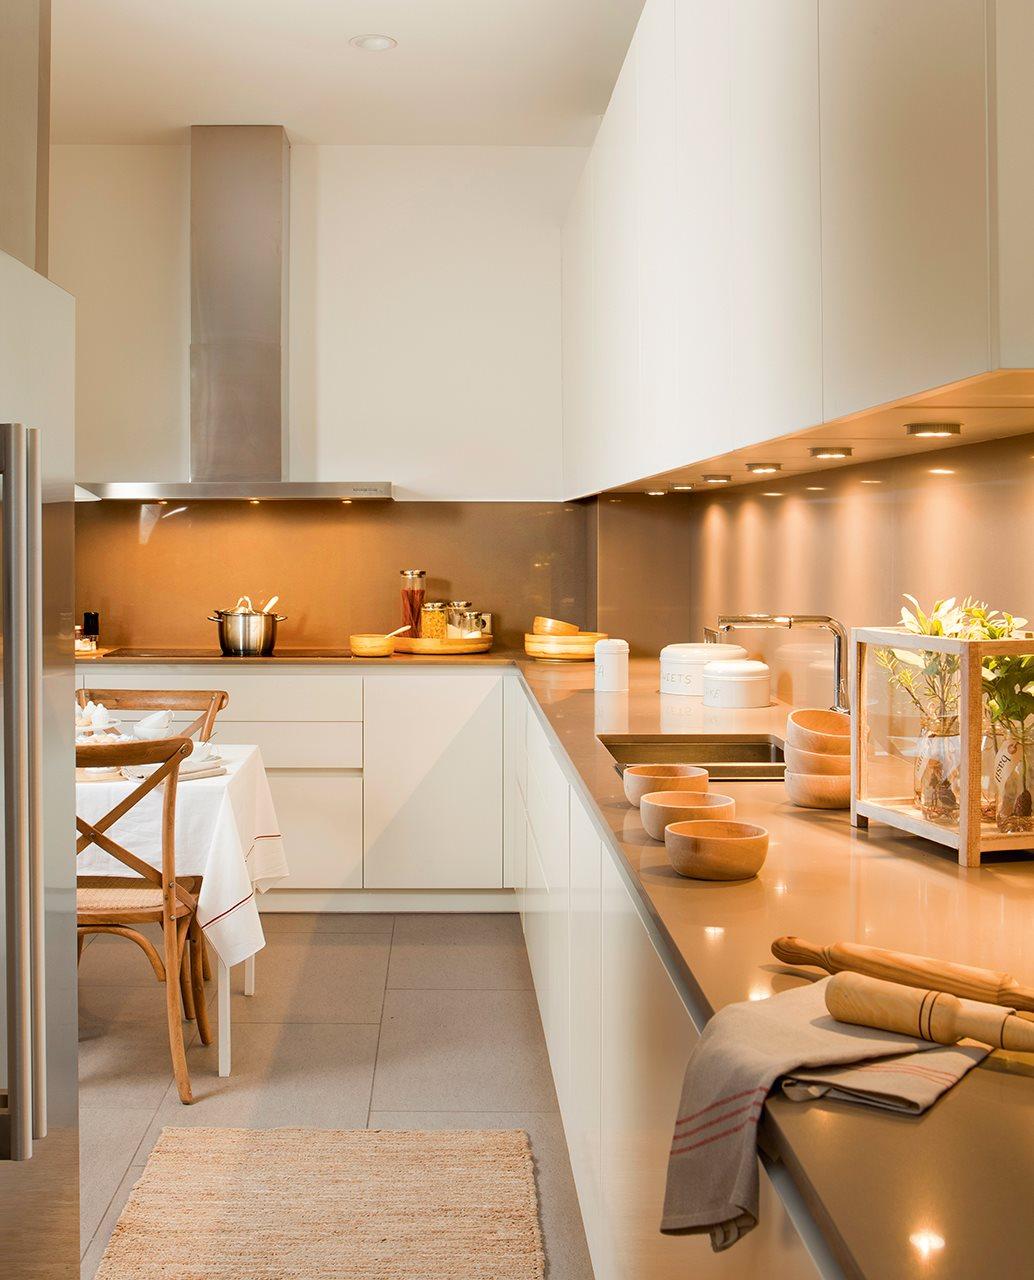 Iluminacion bajo muebles cocina top cmo colocar luces en - Iluminacion muebles cocina ...